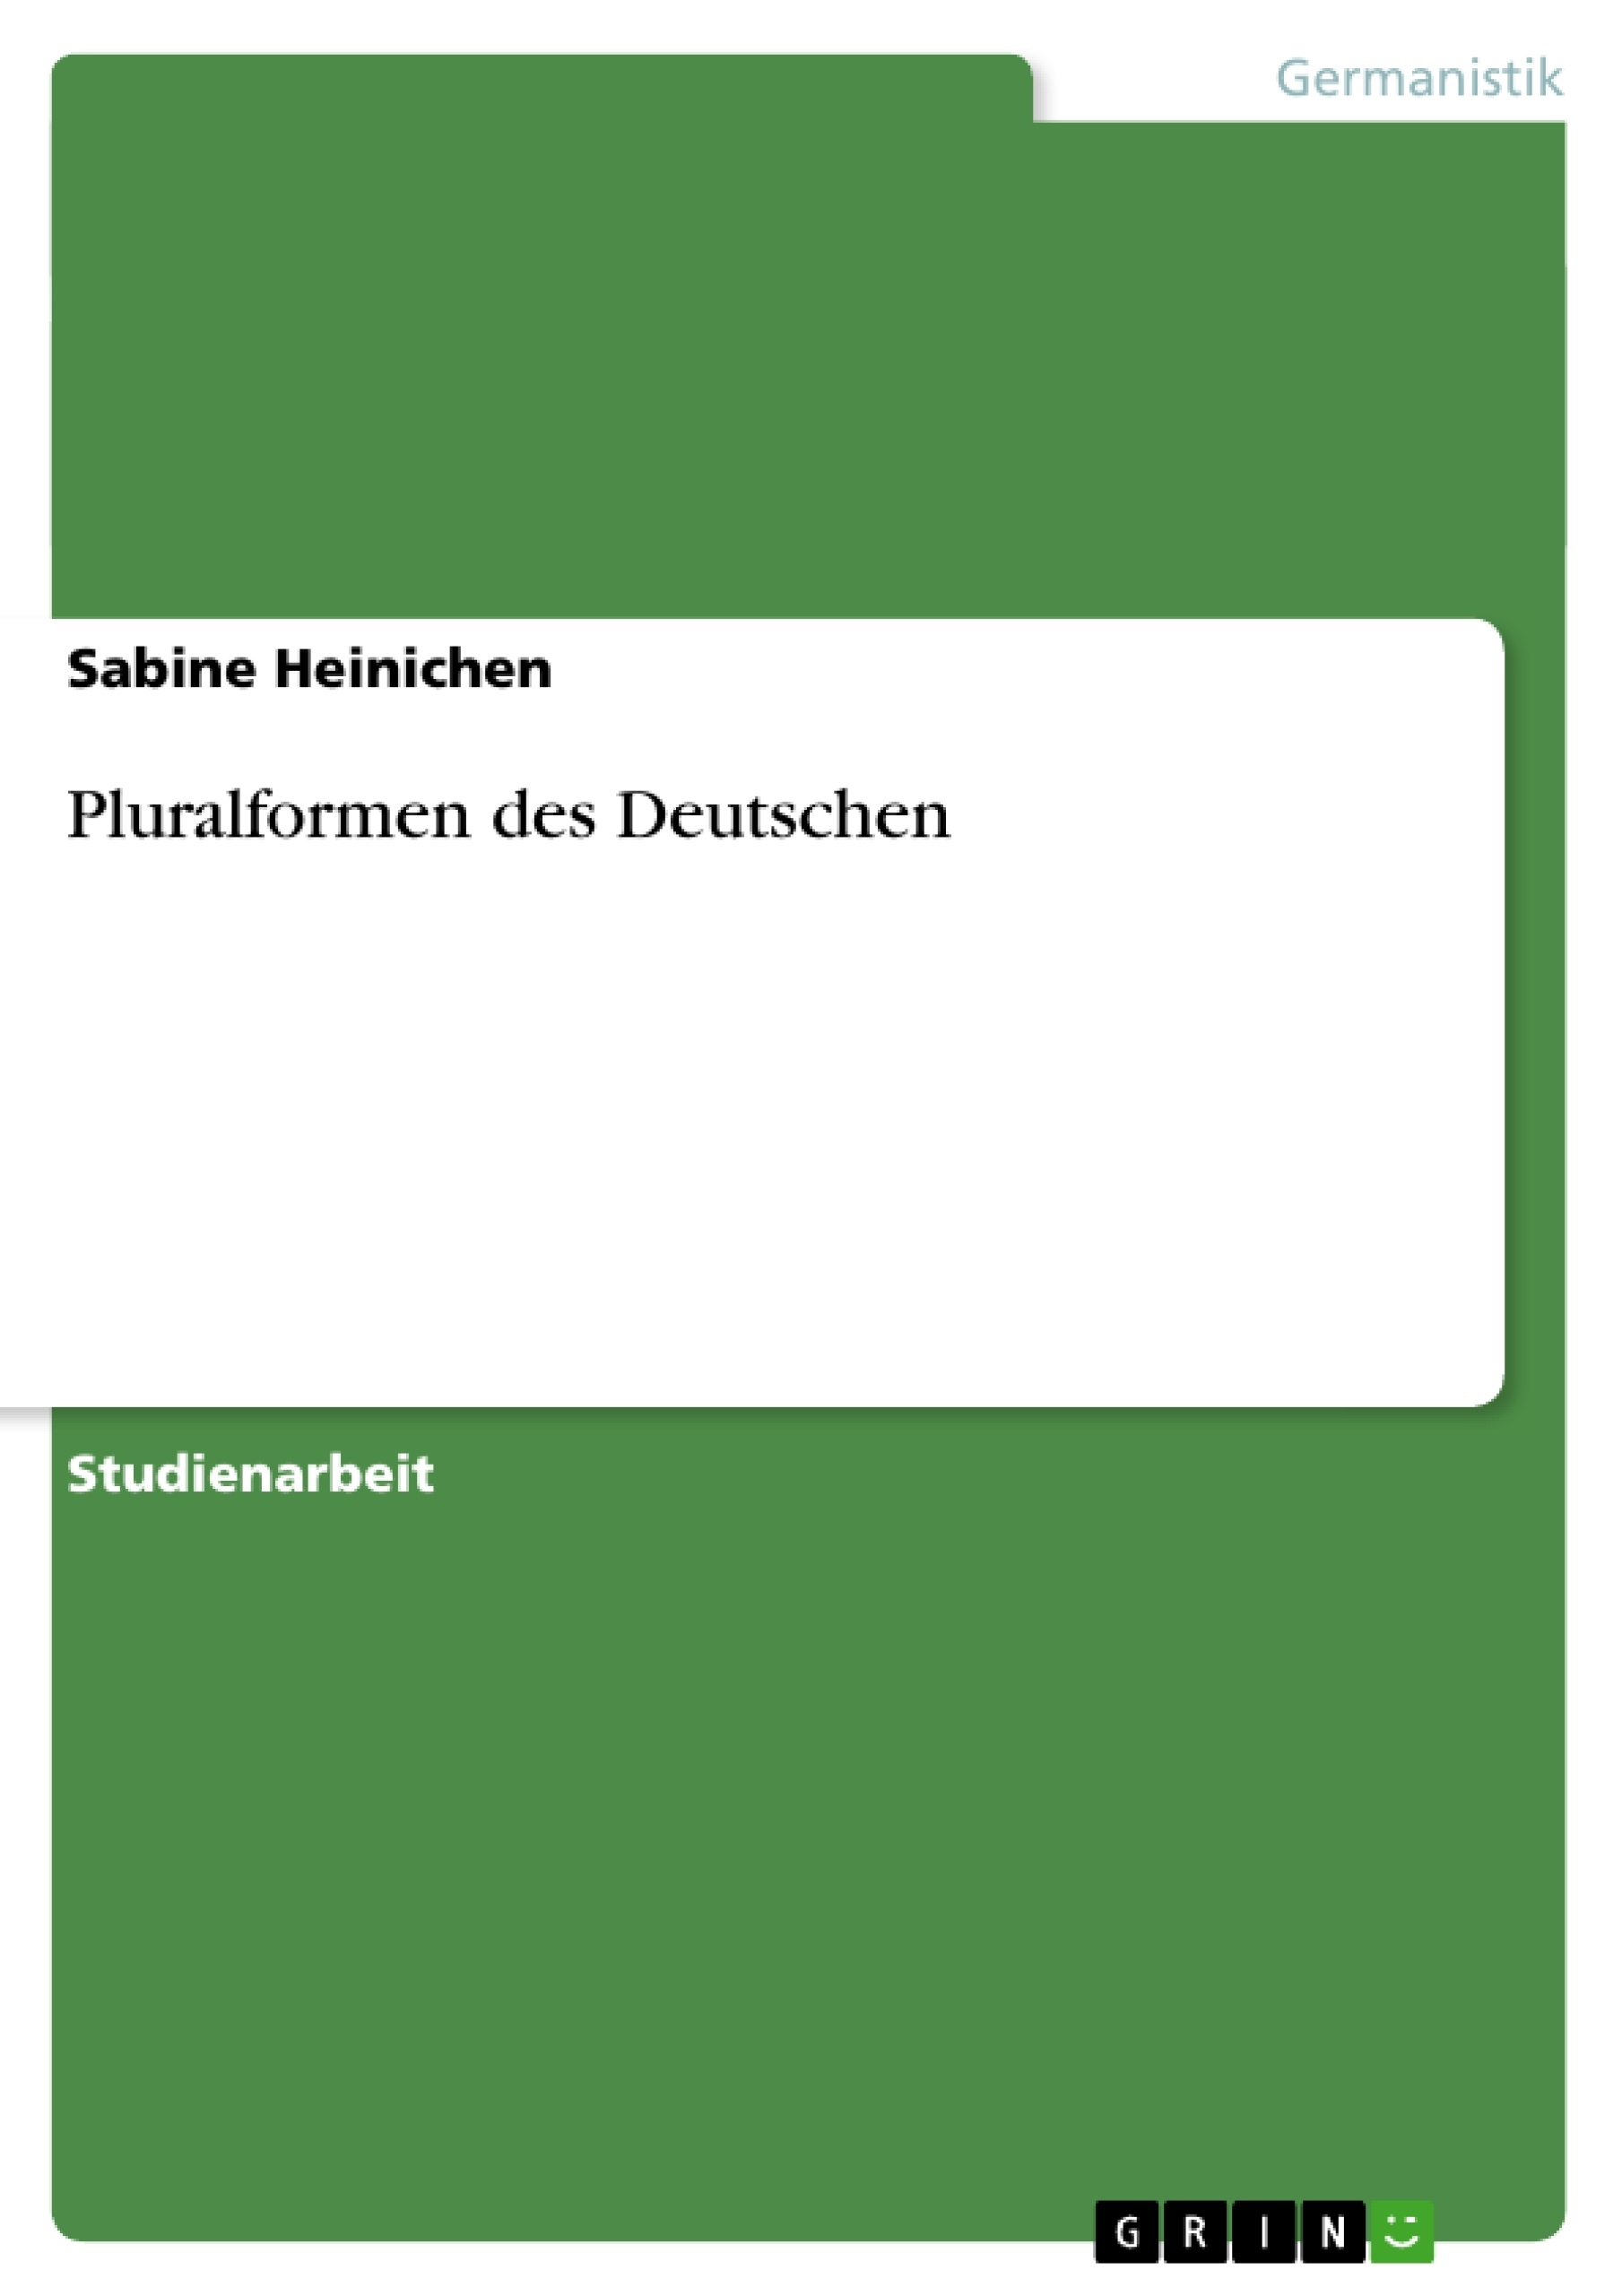 Titel: Pluralformen des Deutschen